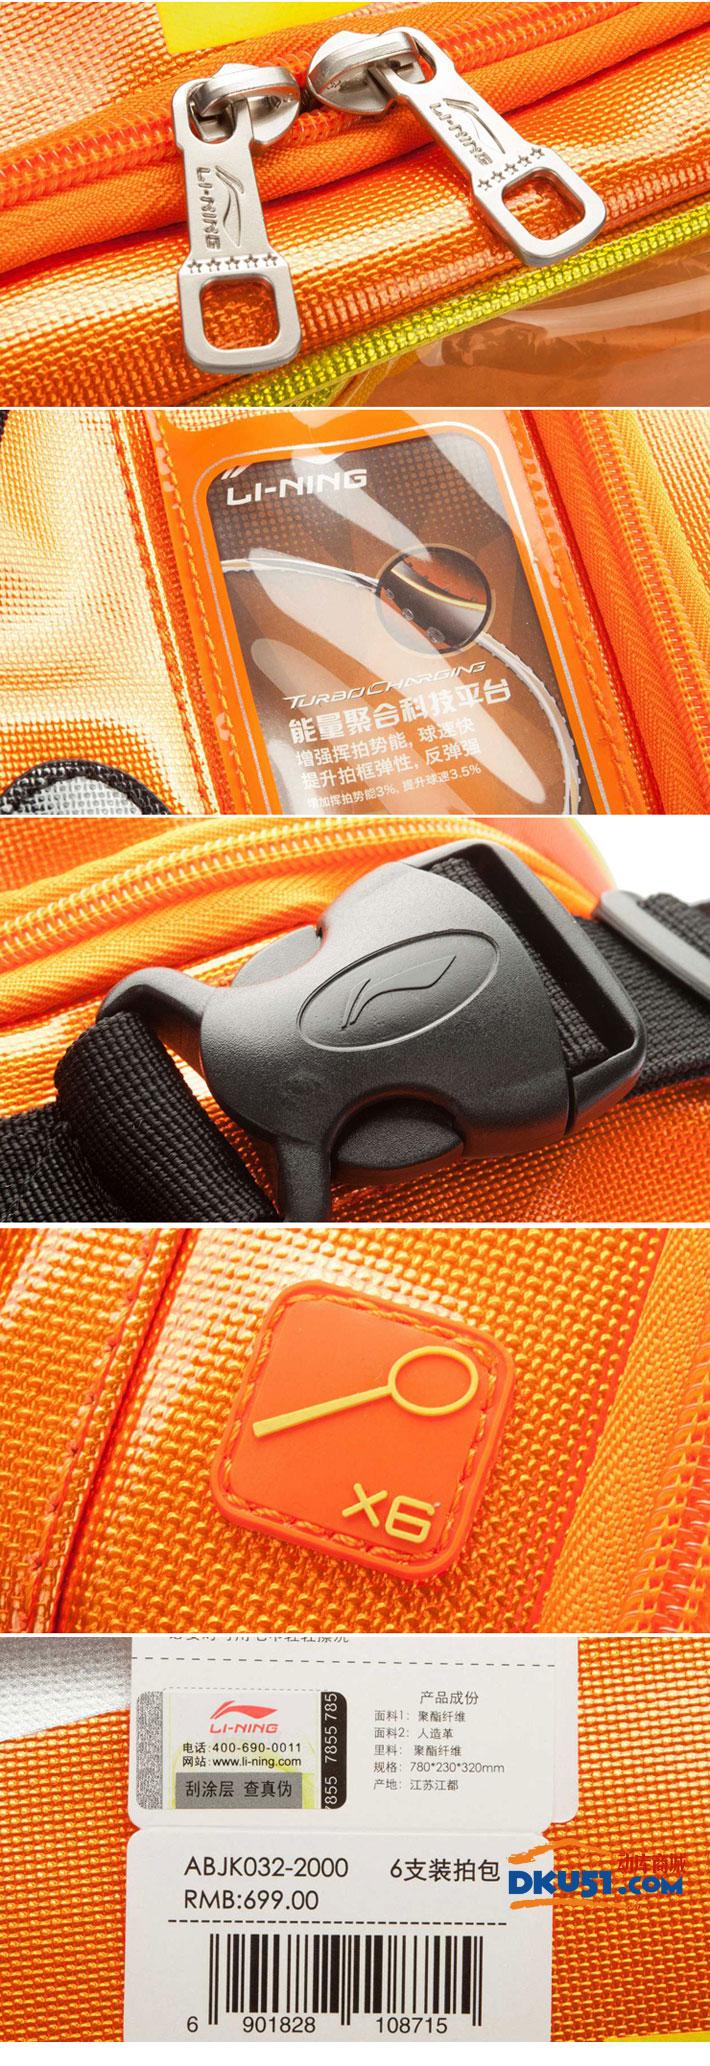 李宁ABJK032-2橘色六支装羽毛球包(国家队世锦赛湛龙专业包) 2015新款